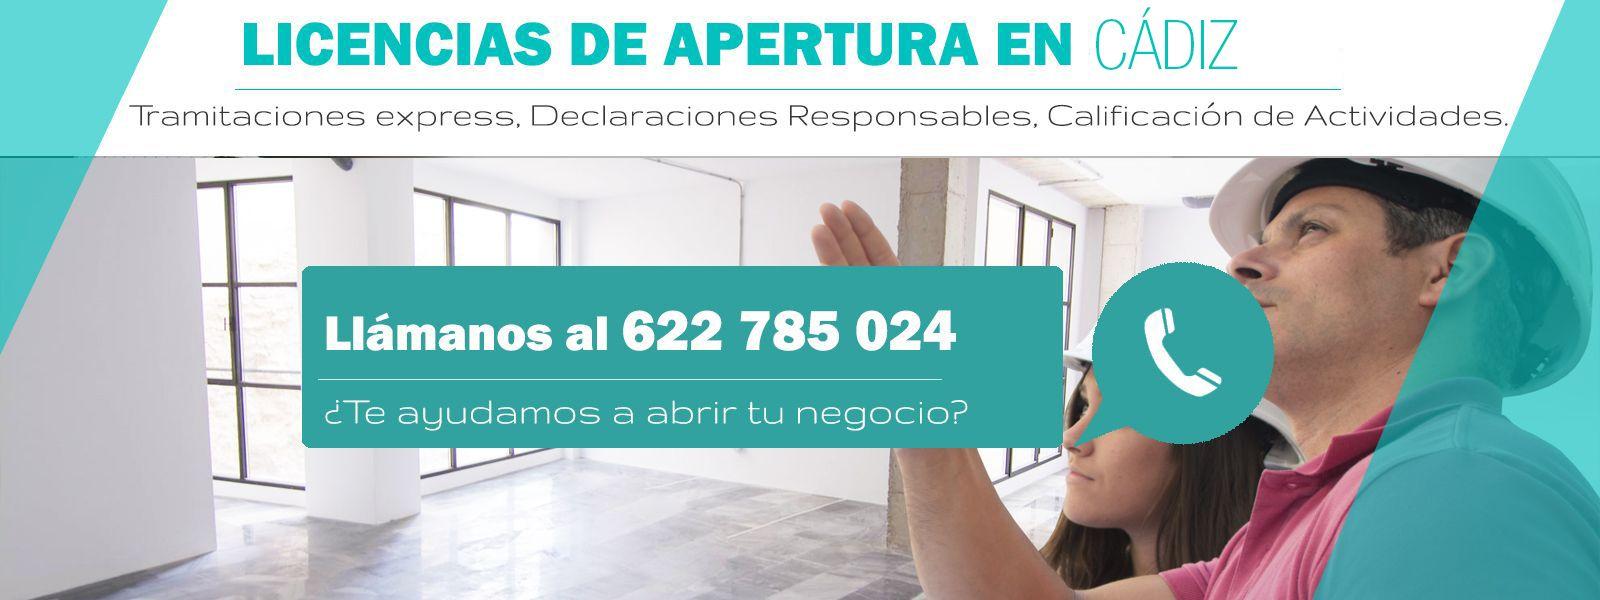 Licencias Apertura Cádiz